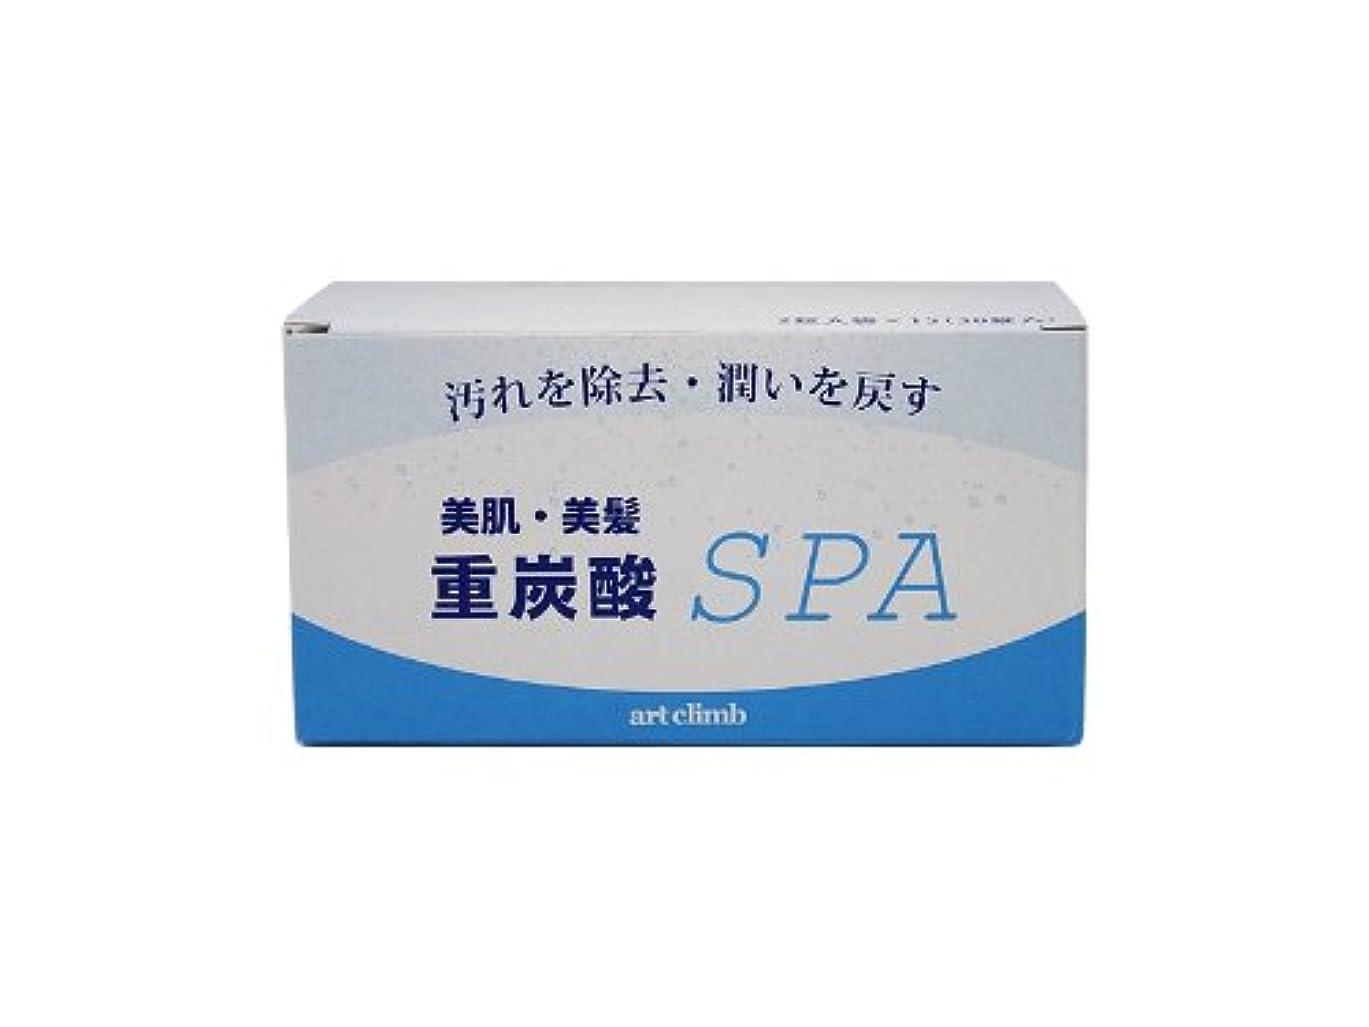 スイ回路醜い重炭酸SPA (15g 30錠入り)